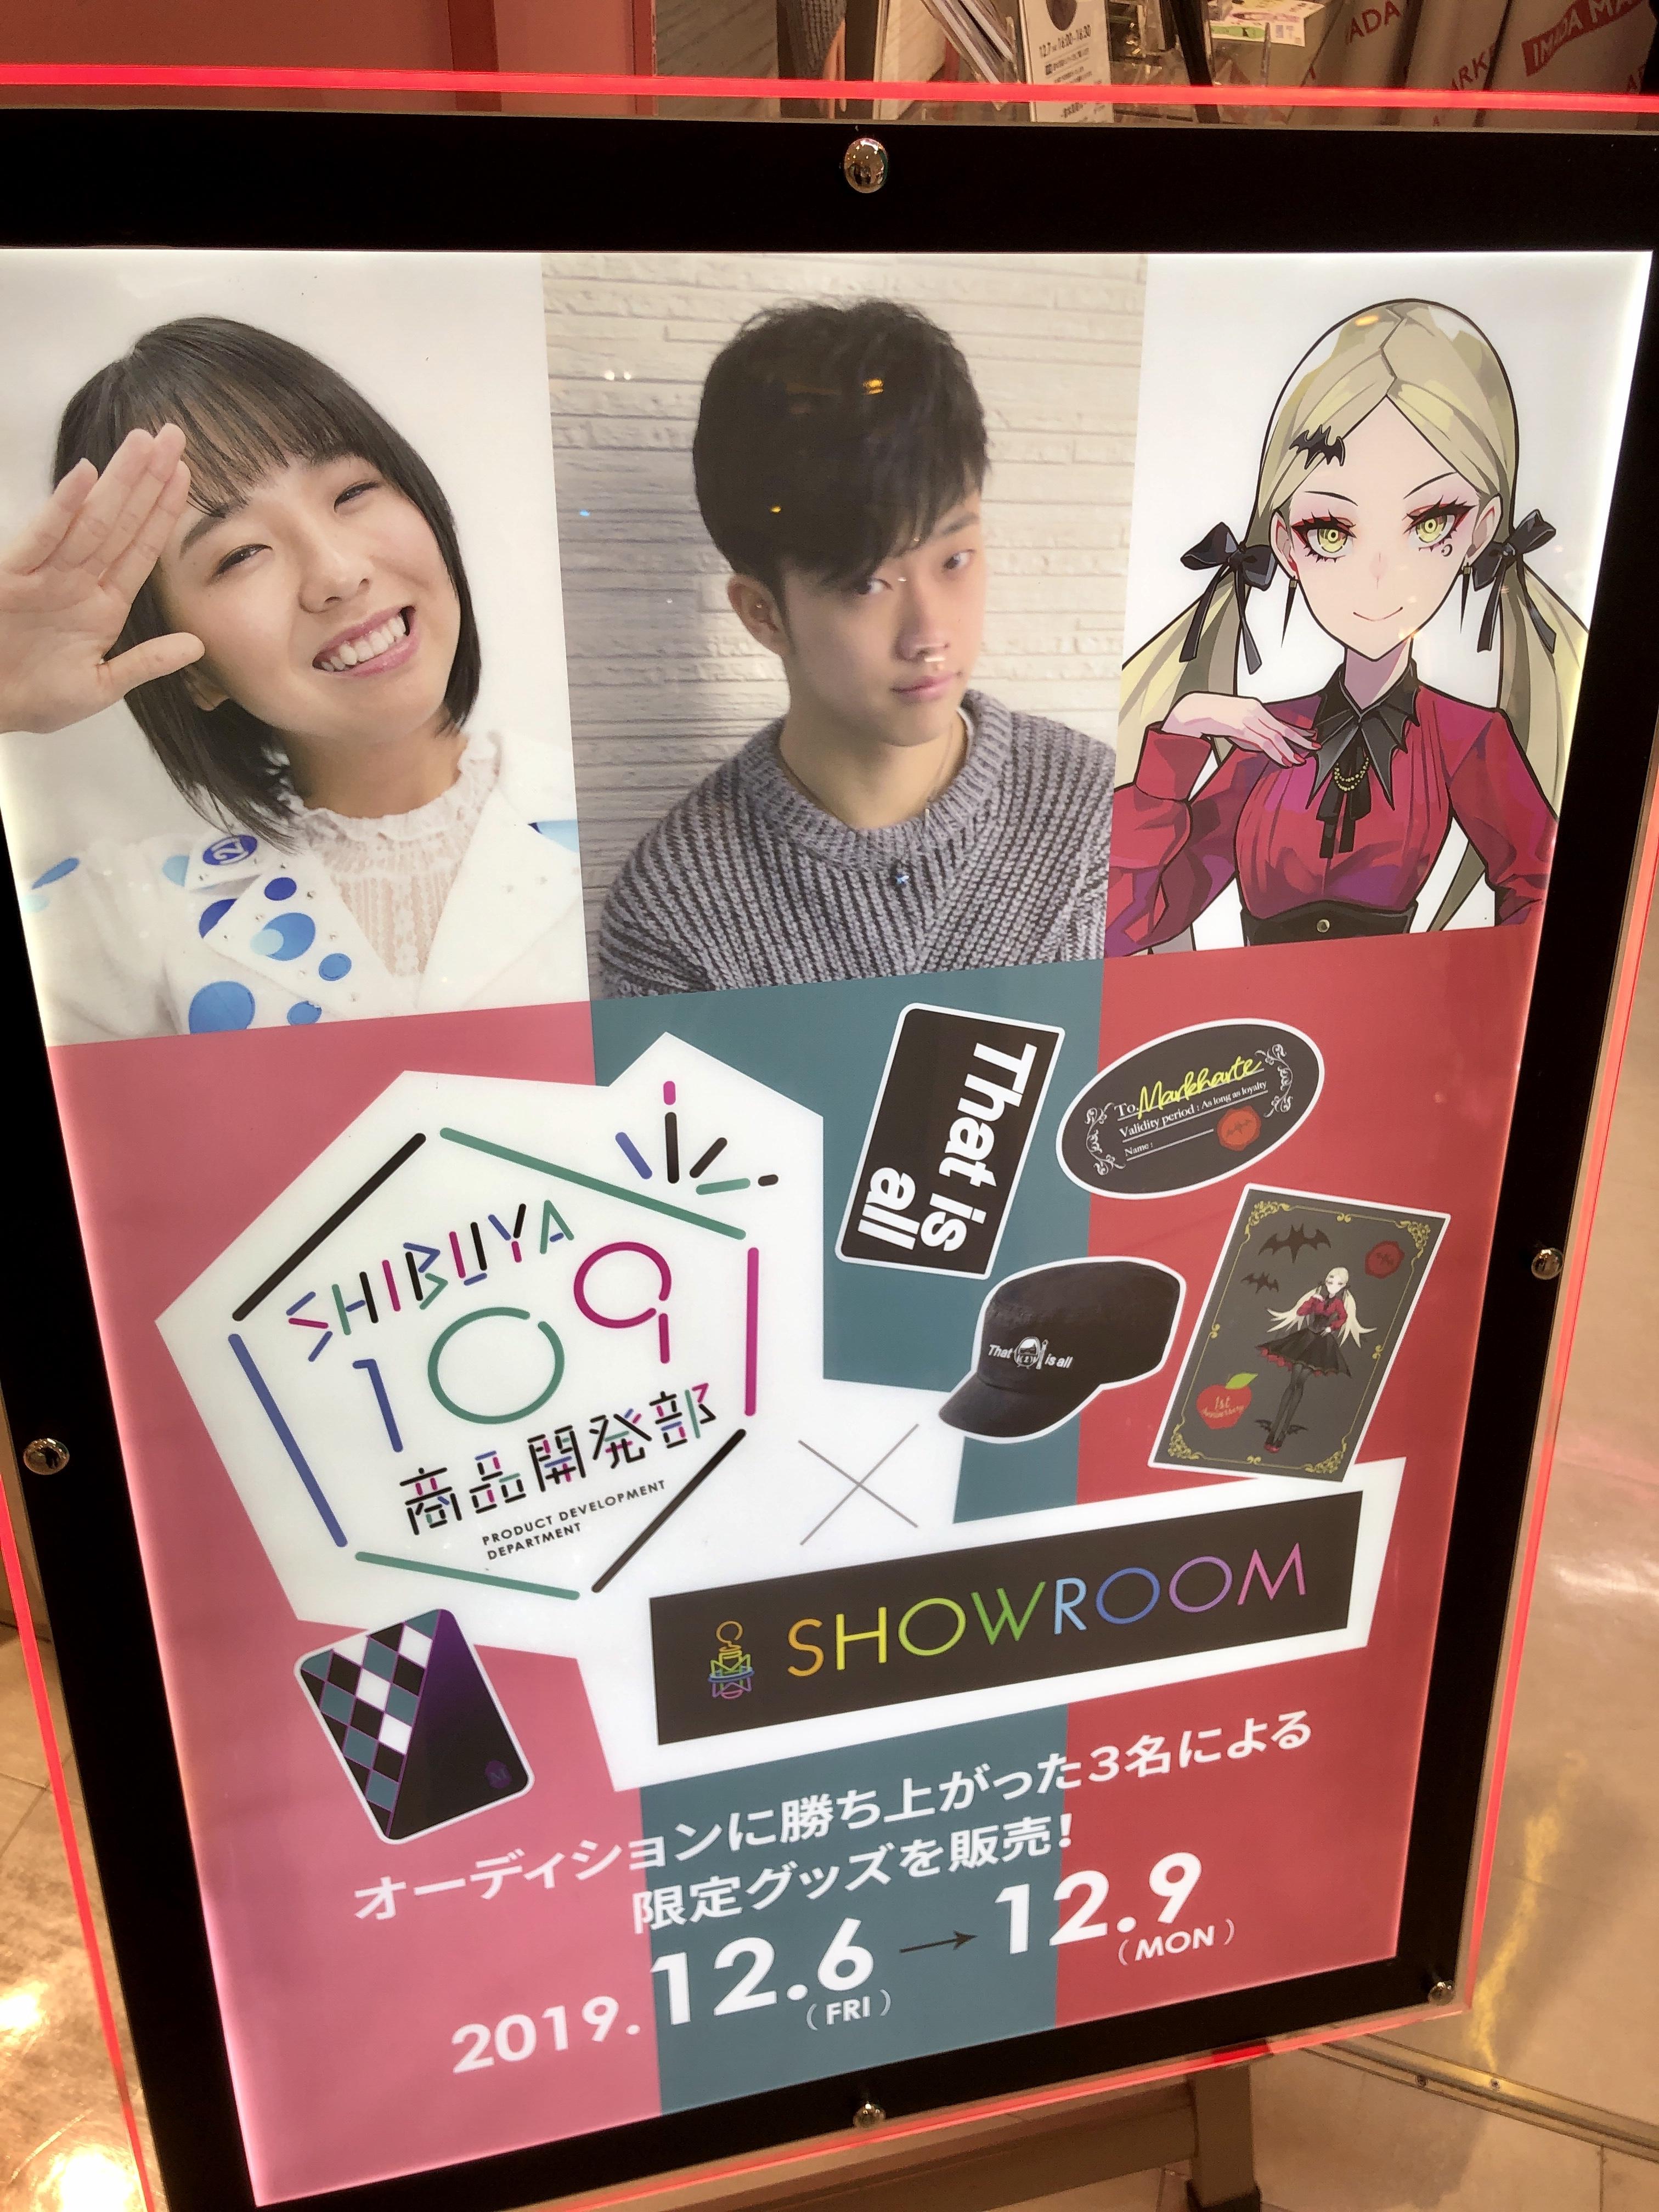 Aya Kajishima meet Shibuya 109